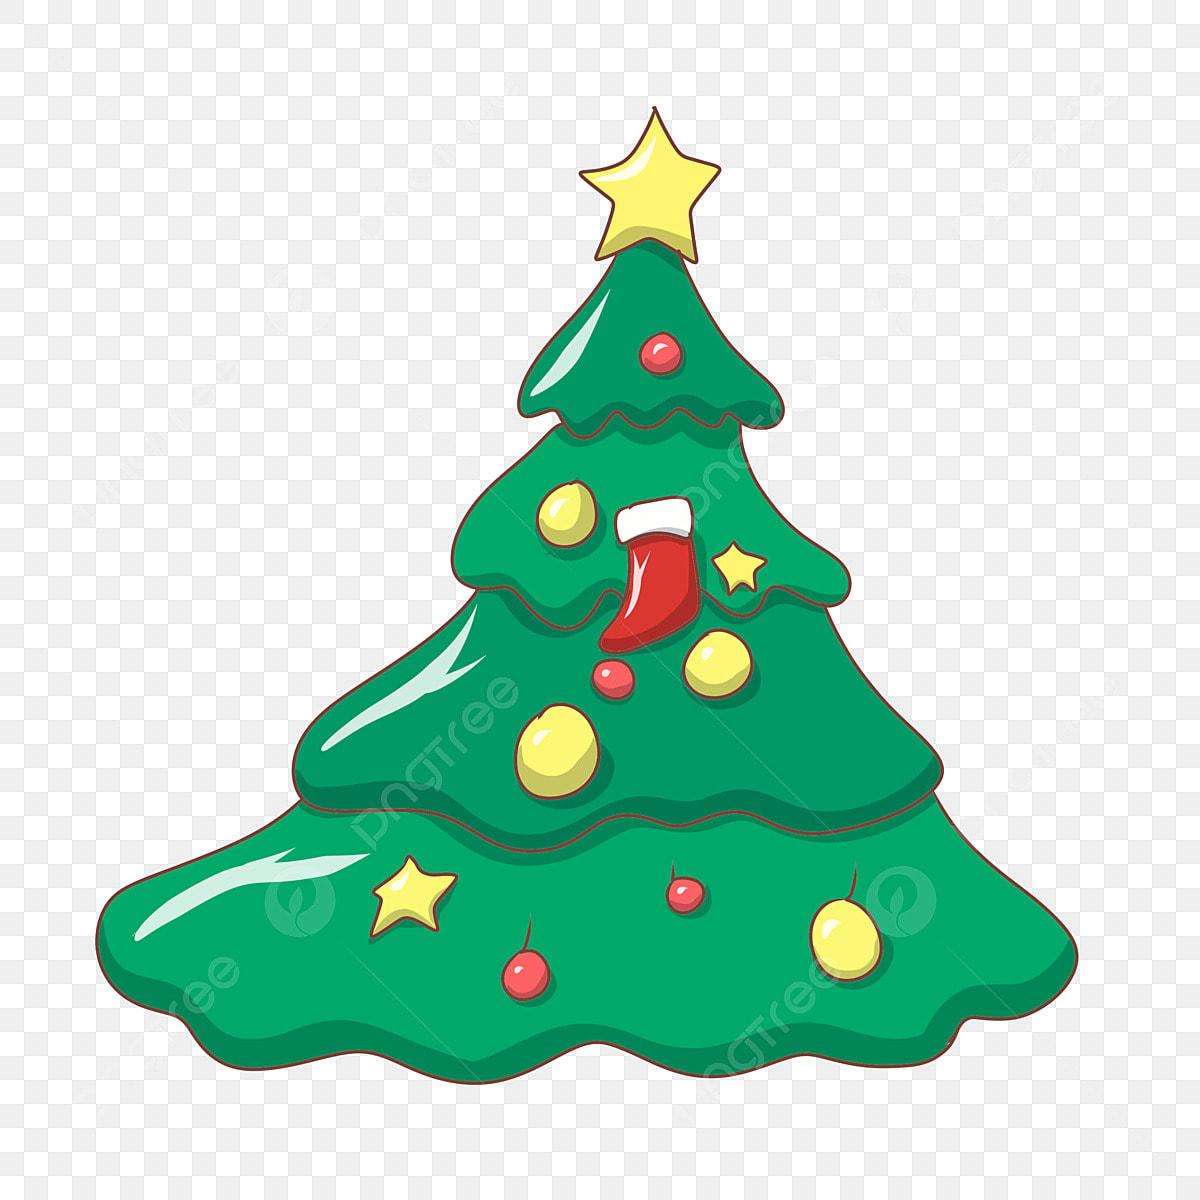 Imagenes Animadas Arboles Navidad.Arbol De Navidad Dibujado A Mano Arbol De Navidad De Dibujos